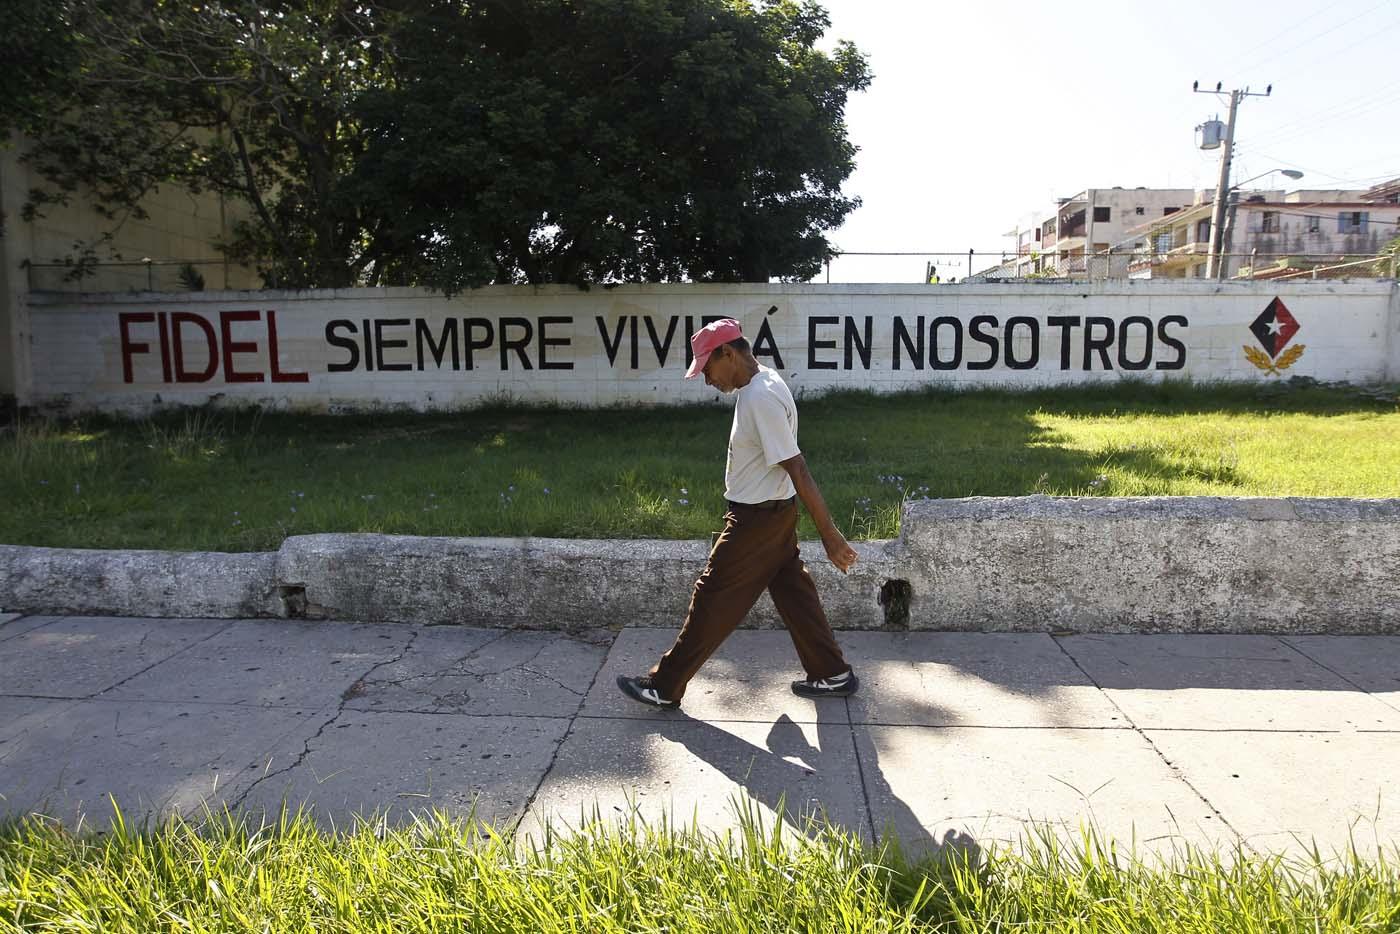 """HAB104. LA HABANA (CUBA), 13/08/2017.- Un hombre pasa junto a un cartel pintado en un muro, referente al líder de la revolución cubana Fidel Castro, en el día de su 91 cumpleaños, hoy, domingo 13 de agosto del 2017, en La Habana (Cuba). Cuba recuerda hoy el 91 aniversario del natalicio del líder de la revolución, Fidel Castro, el primero tras su fallecimiento hace nueve meses, que se celebra este domingo con múltiples actos y una amplia cobertura en los medios estatales de la isla que resaltan el legado del """"invicto y eterno Comandante"""". EFE/Ernesto Mastrascusa"""